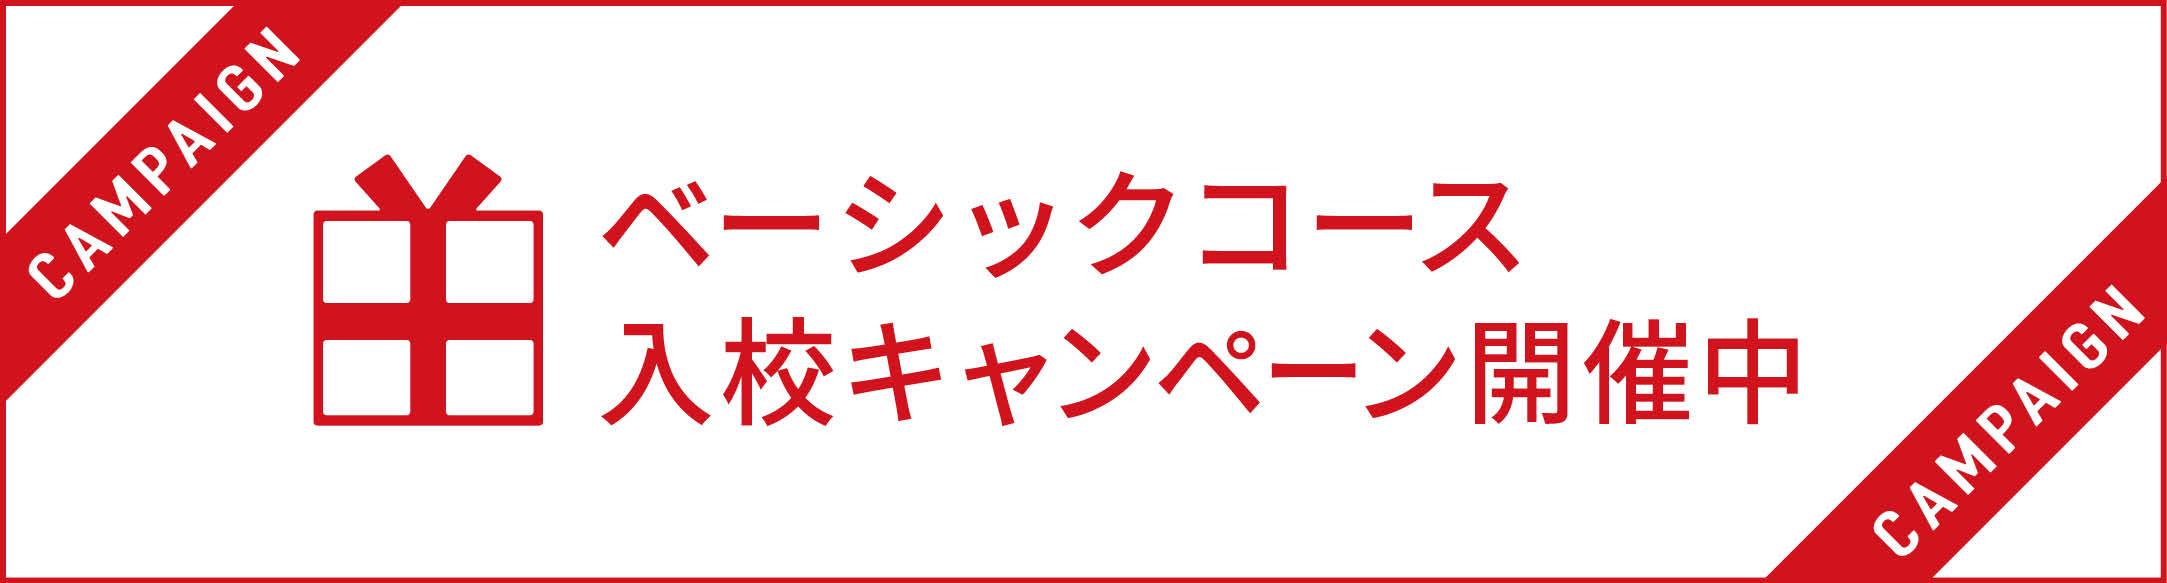 ベーシックコース入校キャンペーン